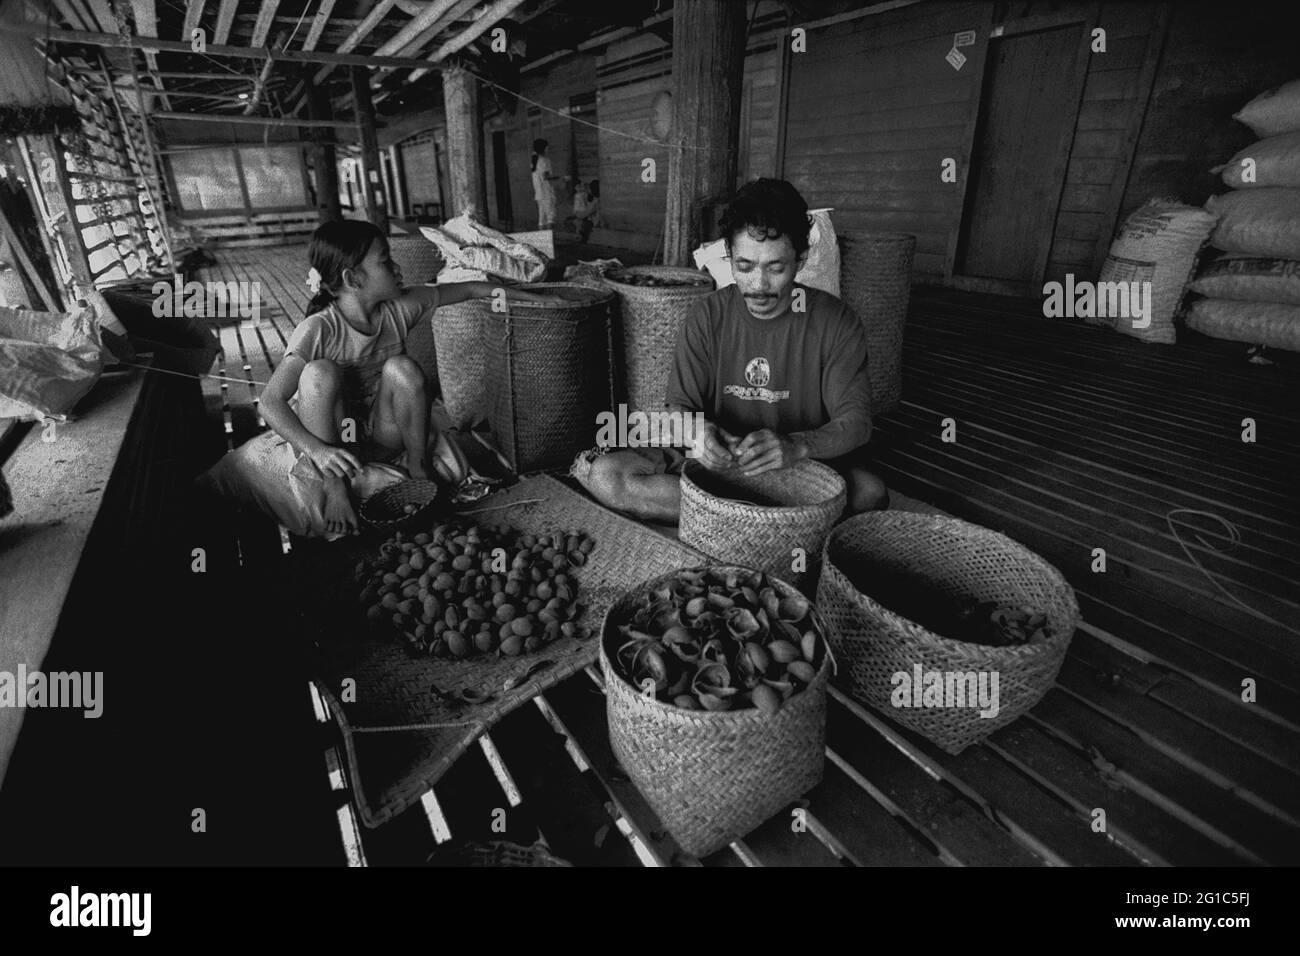 Uluk Palin, Embaloh Hilir, Kapuas Hulu, Kalimantan occidental, Indonésie. Mars 2007. Un homme et un enfant qui retire des coquilles de noix de suif Borneo (tengkawang) à la maison de la communauté de Dayak Tamambaloh à Uluk Palin.--photographiés sur film noir et blanc, scannés, numérisés. Banque D'Images